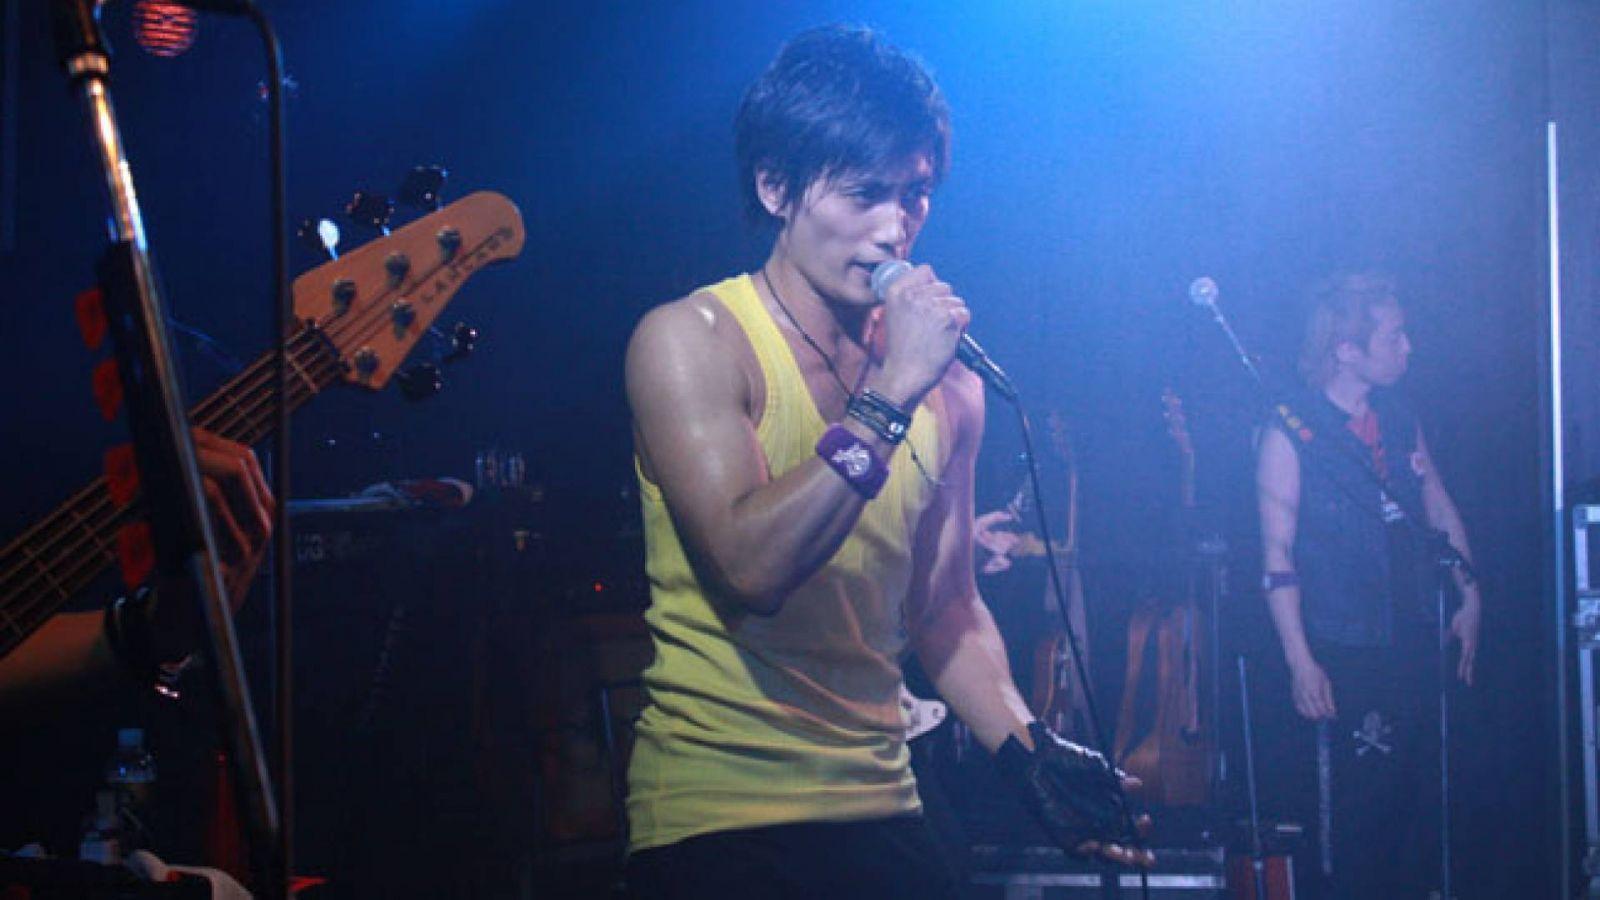 Концерт Kazuki Kato © Kazuki Kato